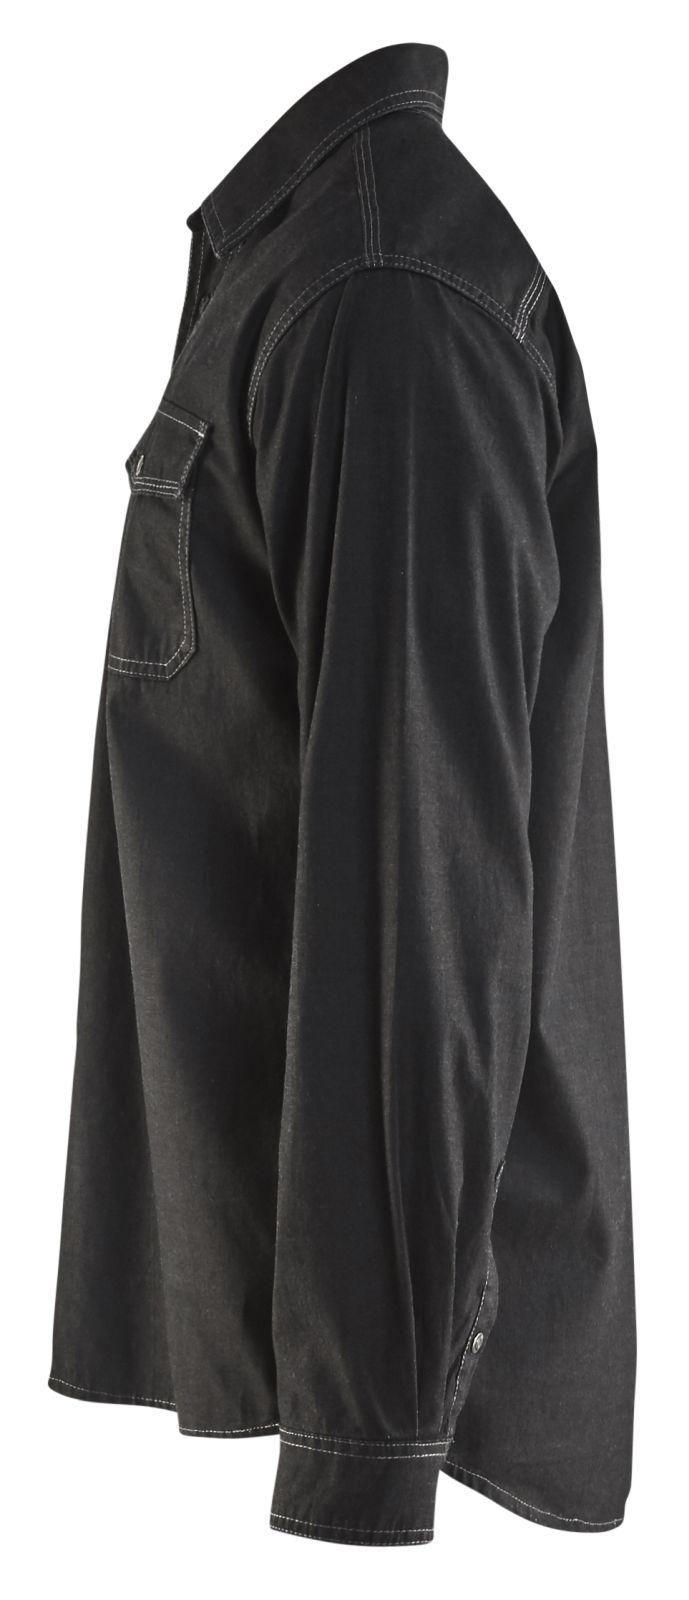 Blaklader Overhemden 32951129 zwart(9900)